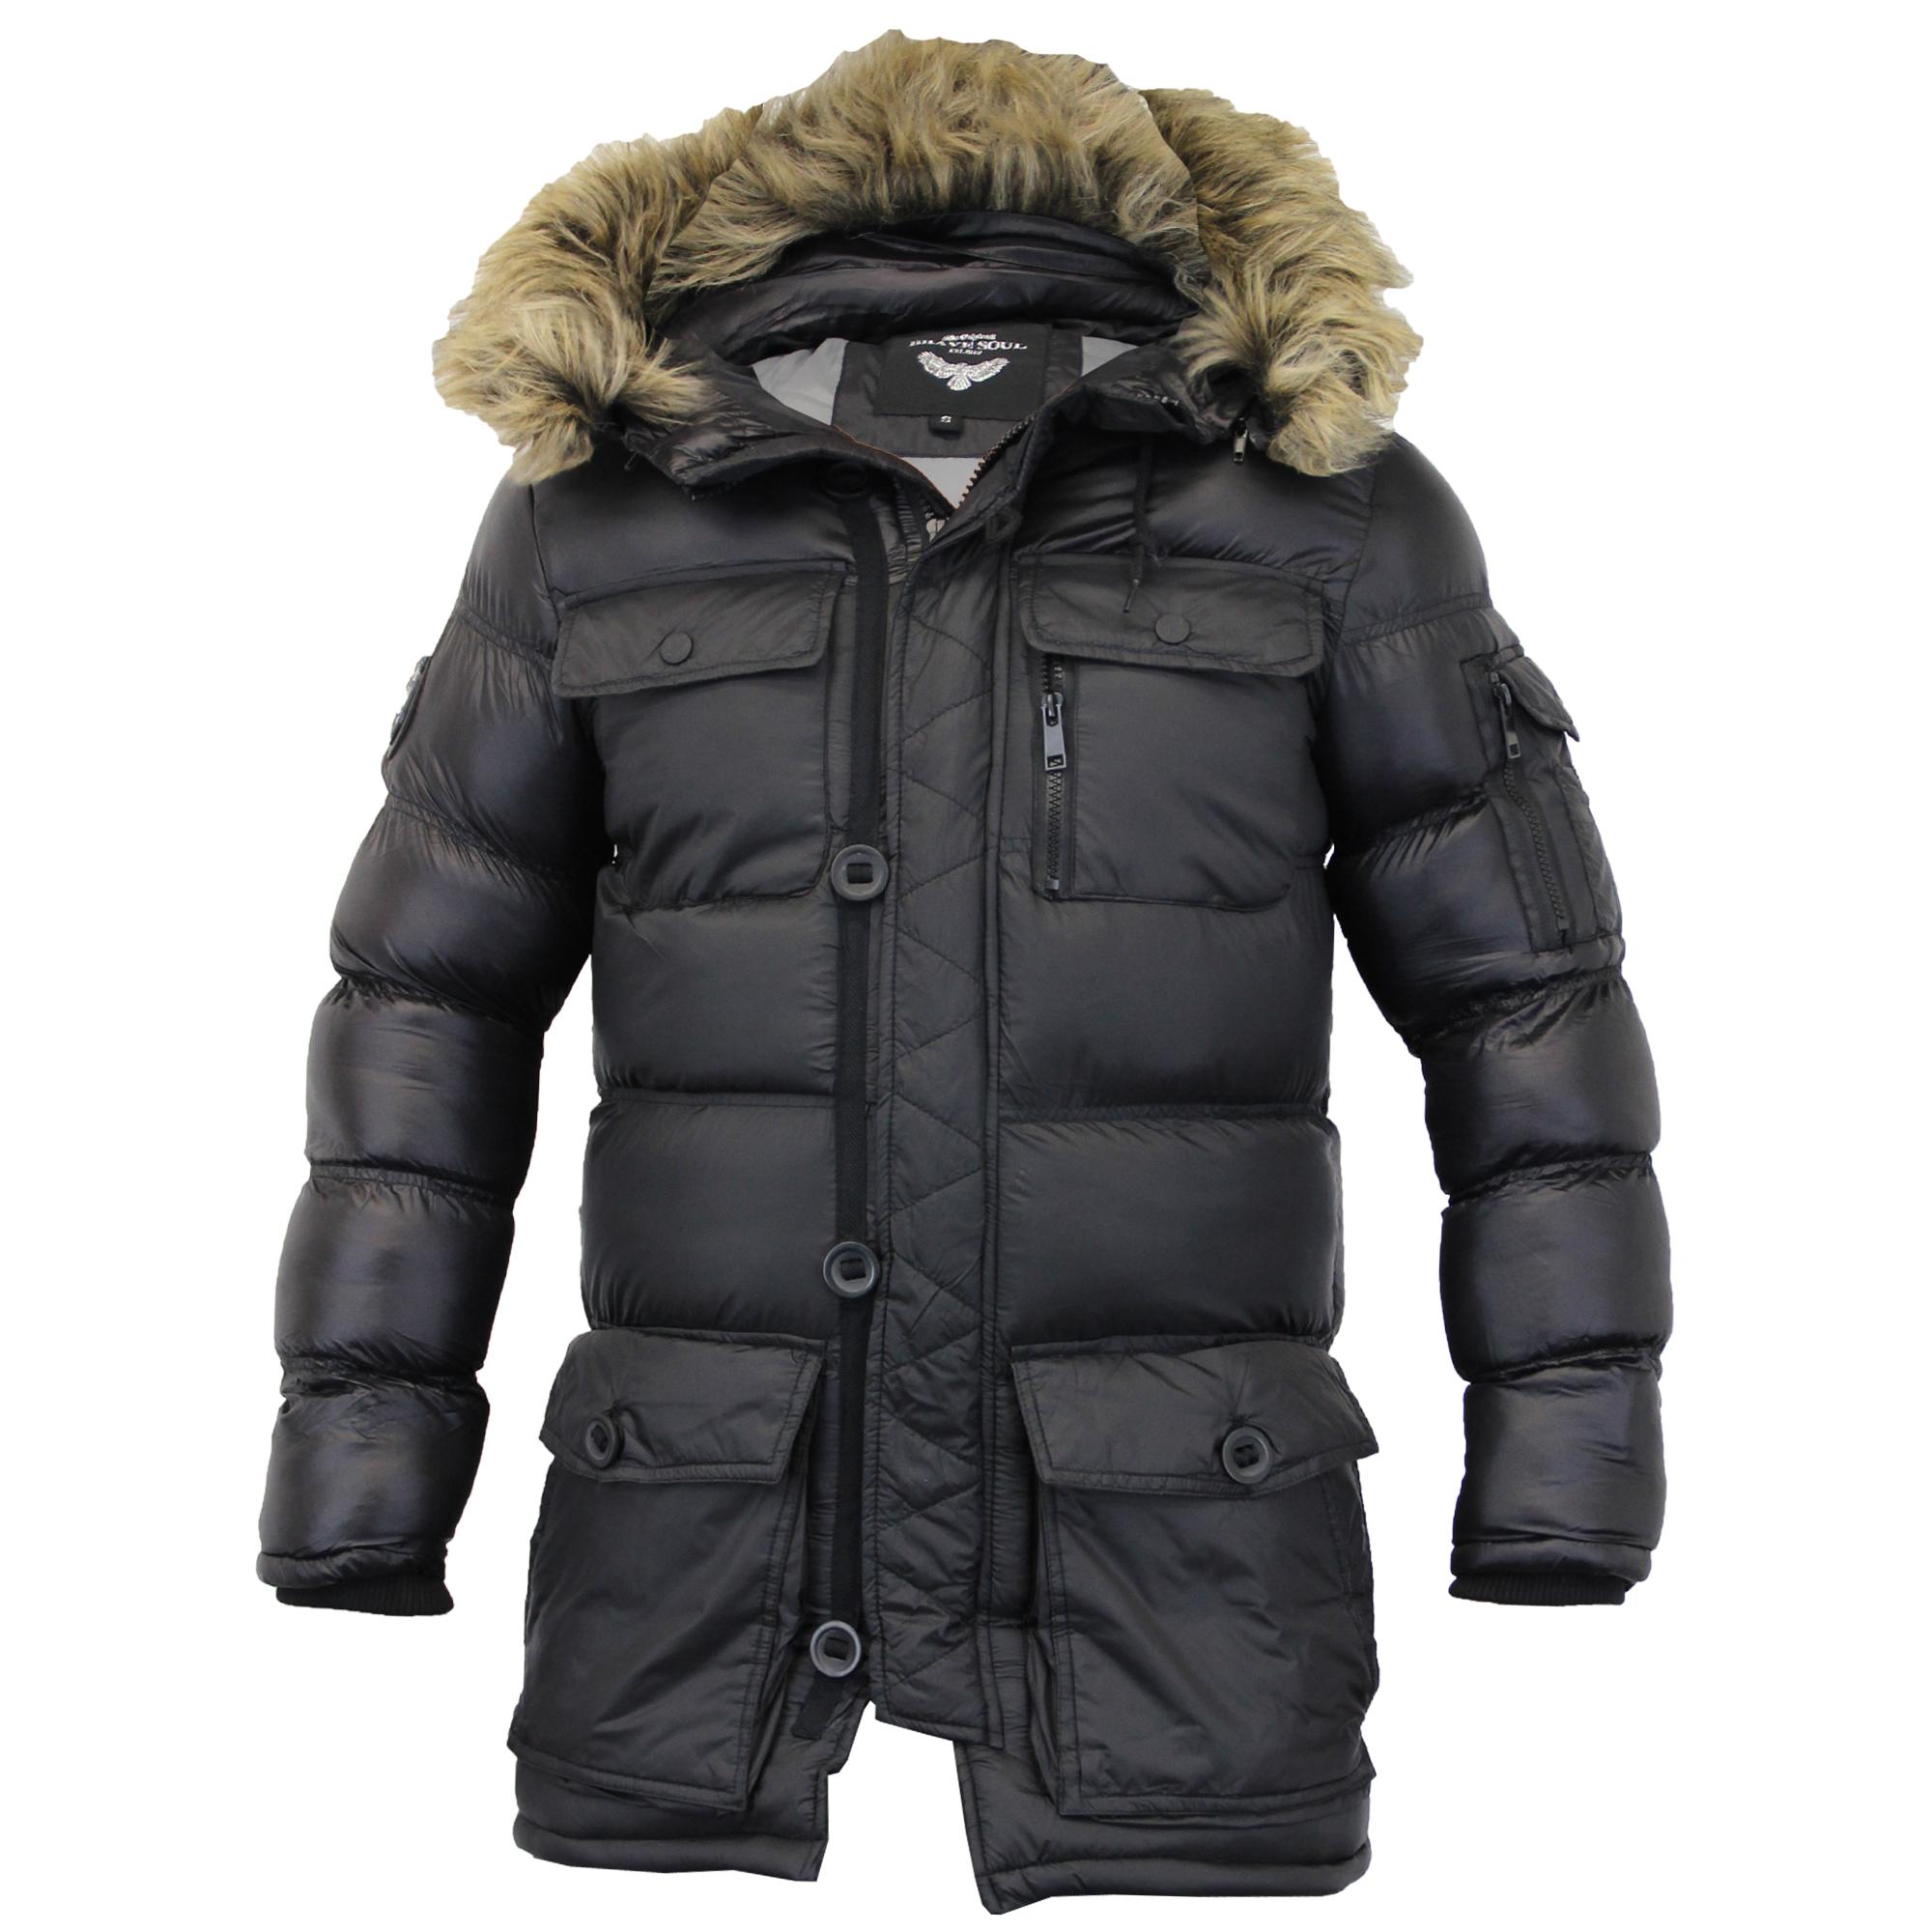 mens parka jacket brave soul coat padded quilted hooded puffer fur #2: black 201